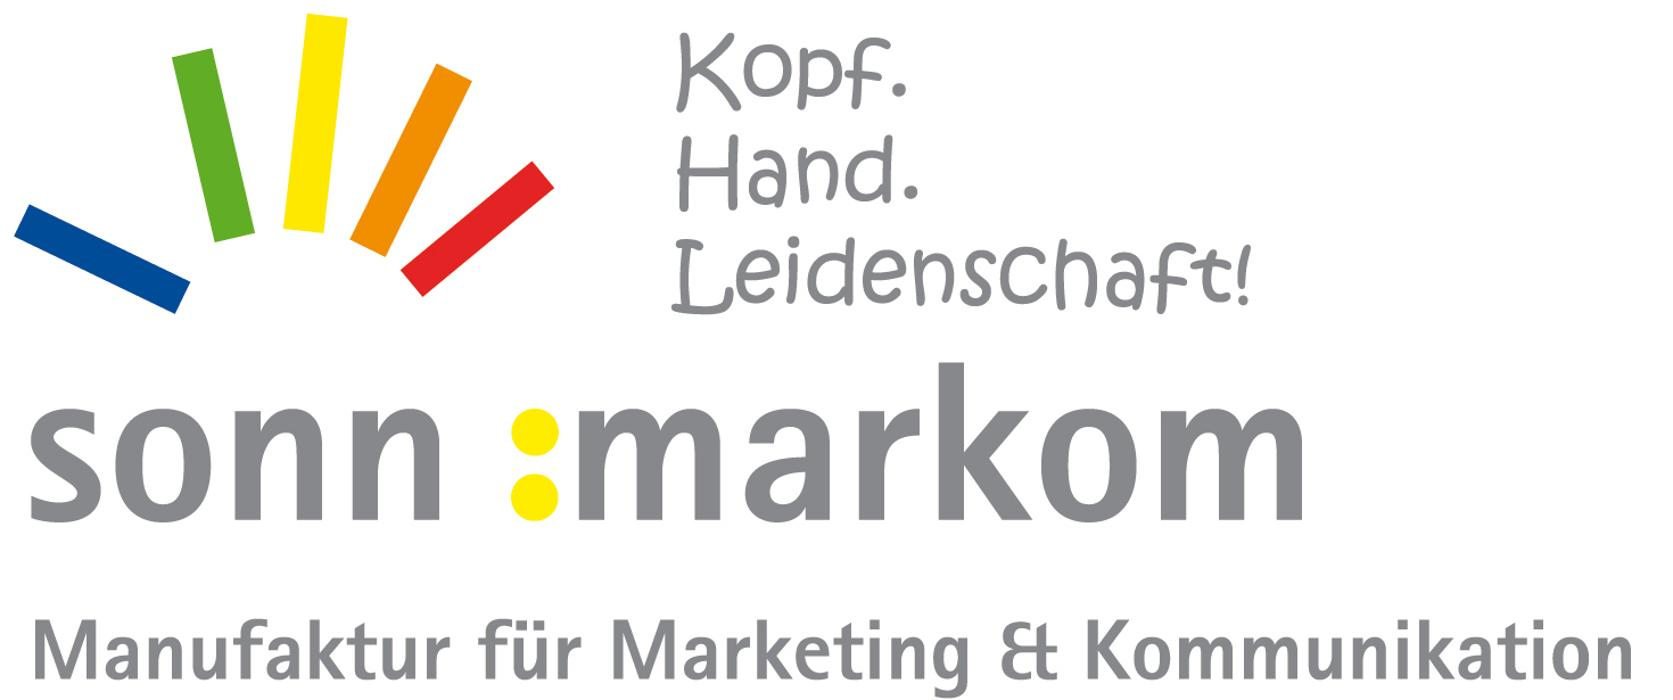 Bild zu sonn :markom - Agentur für Marketing & Kommunikation Ralf Sonn in Bruckmühl an der Mangfall